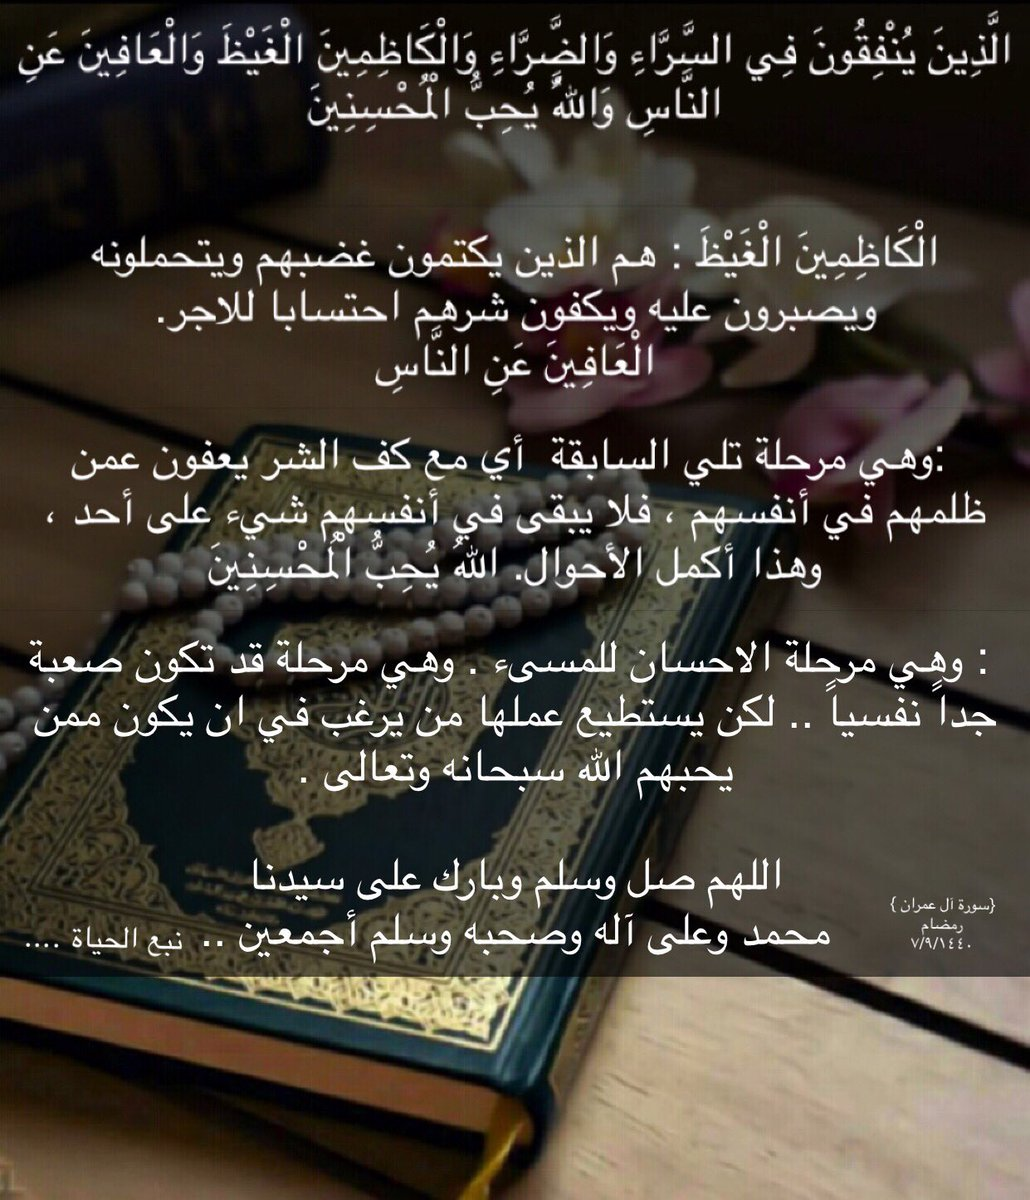 عابرة سبيل A Twitteren اللهم